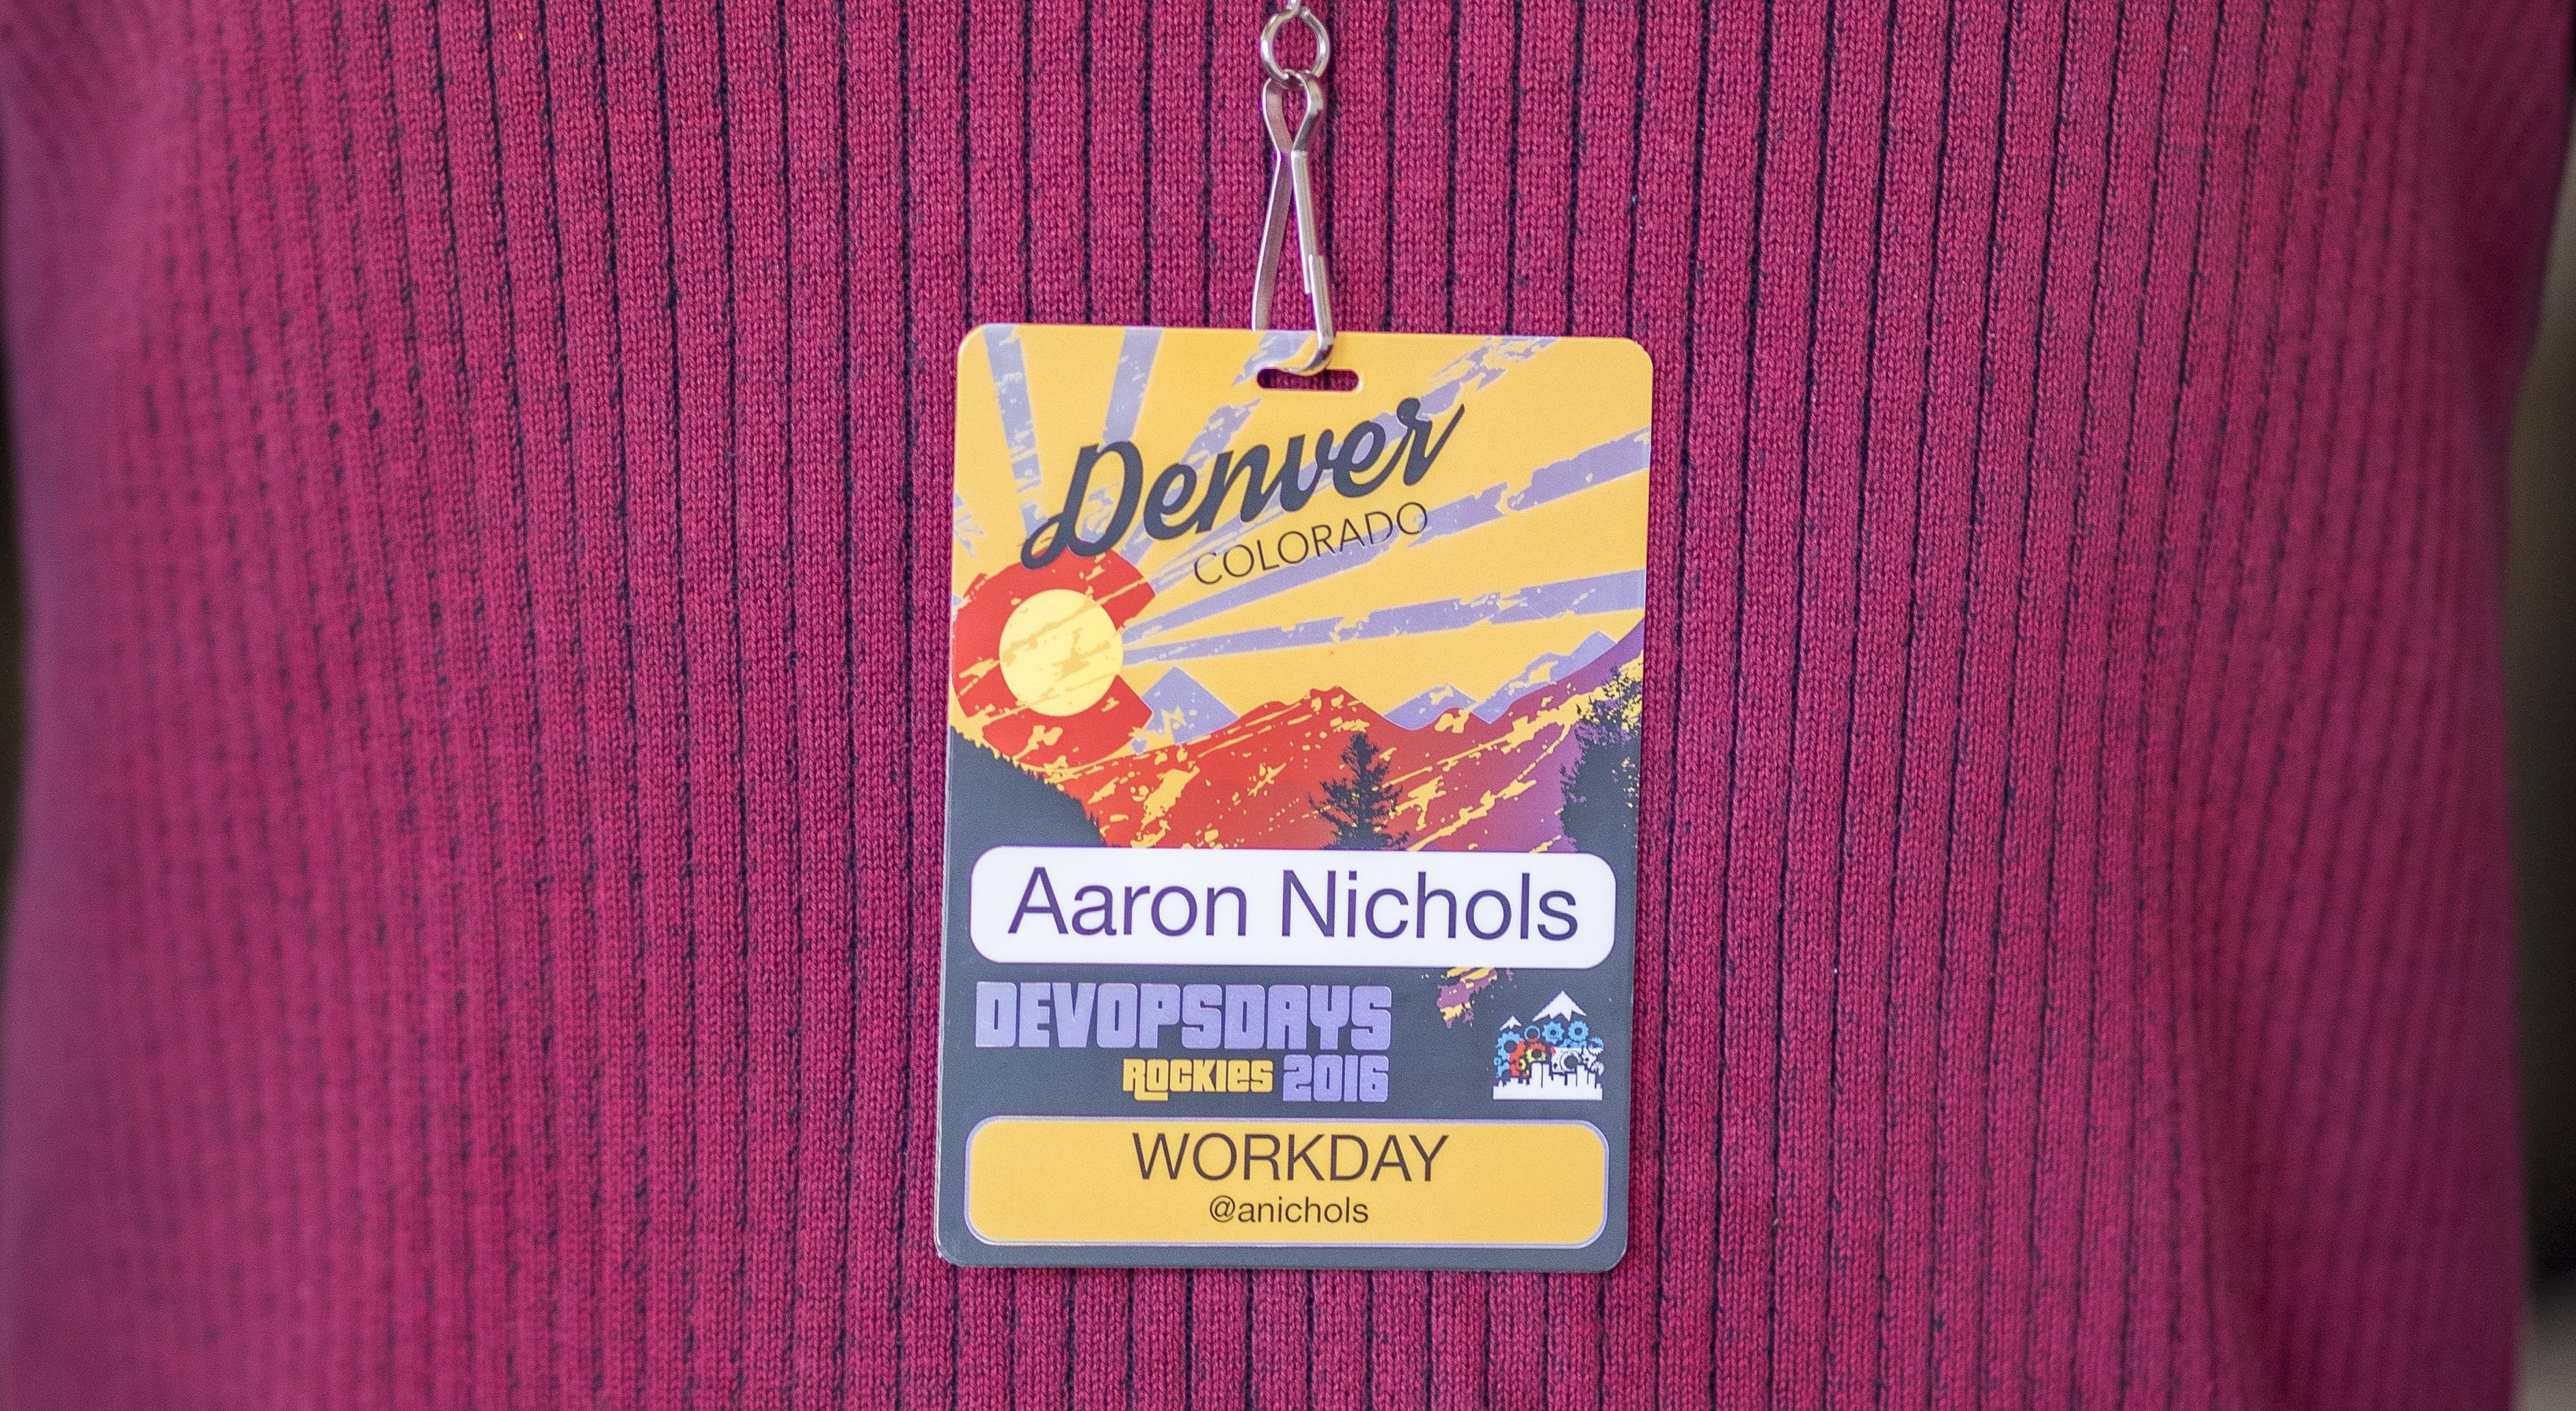 Devops Days Hot Stamped Foiled Conference Badge